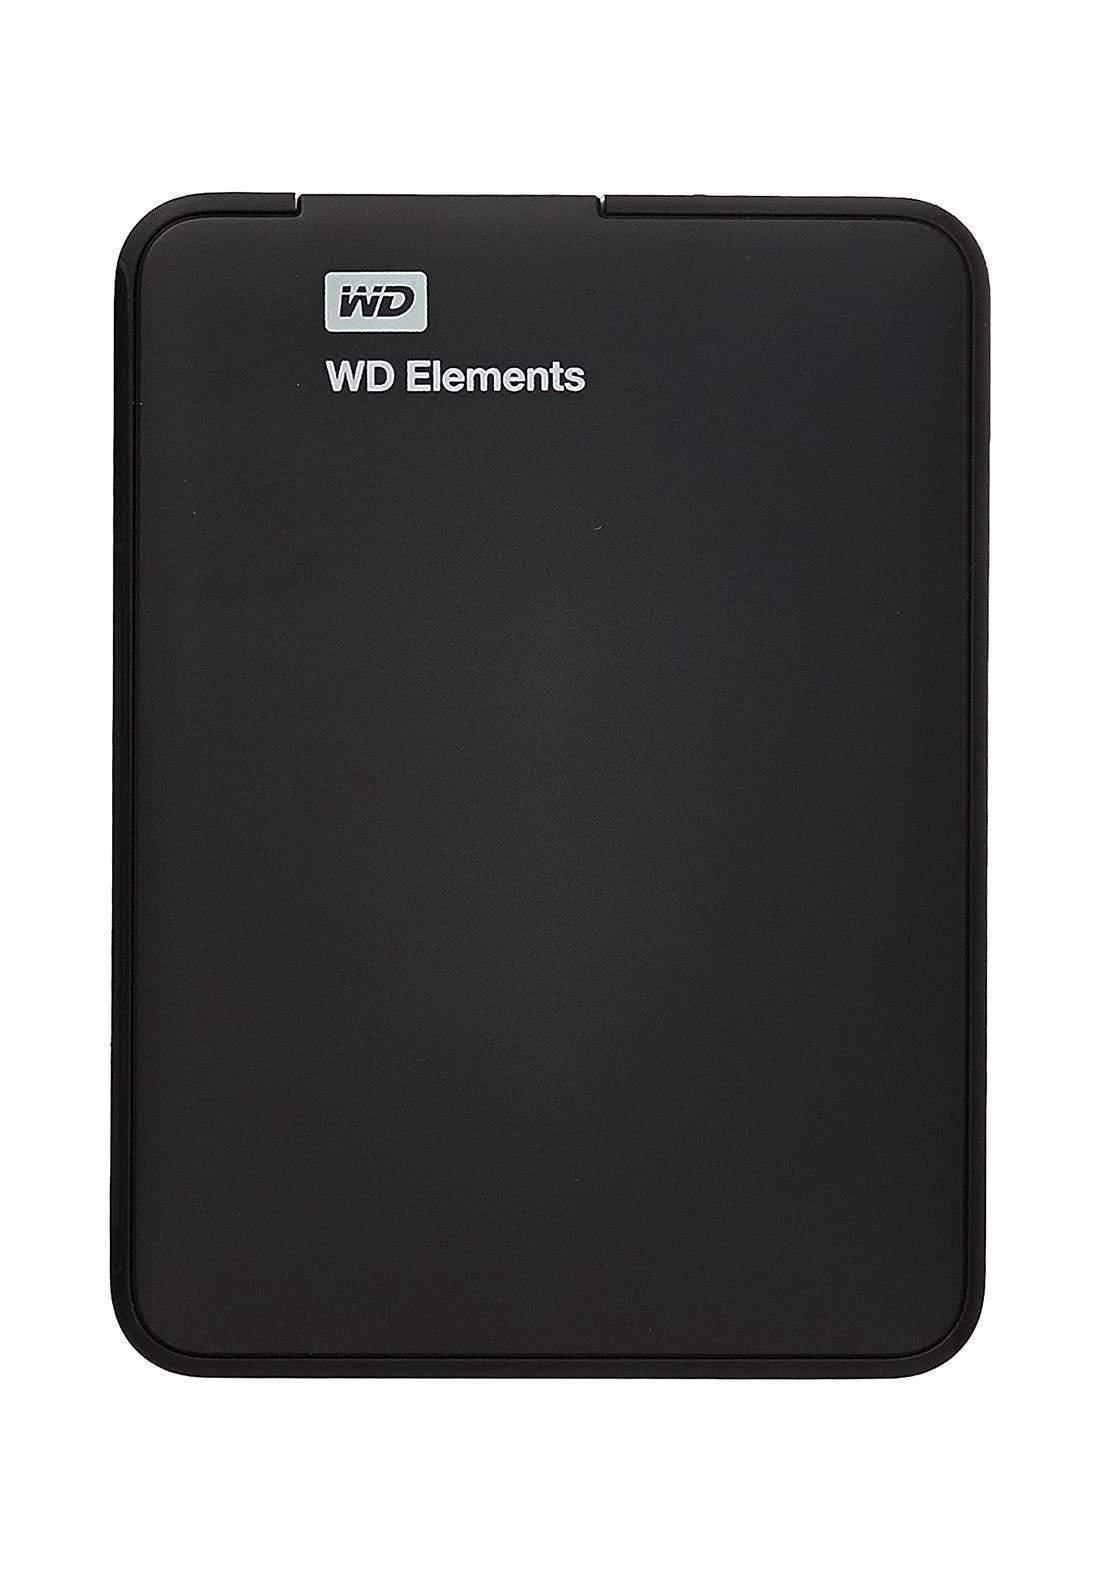 Wd Elements External HDD 1TB - Black هارد خارجي